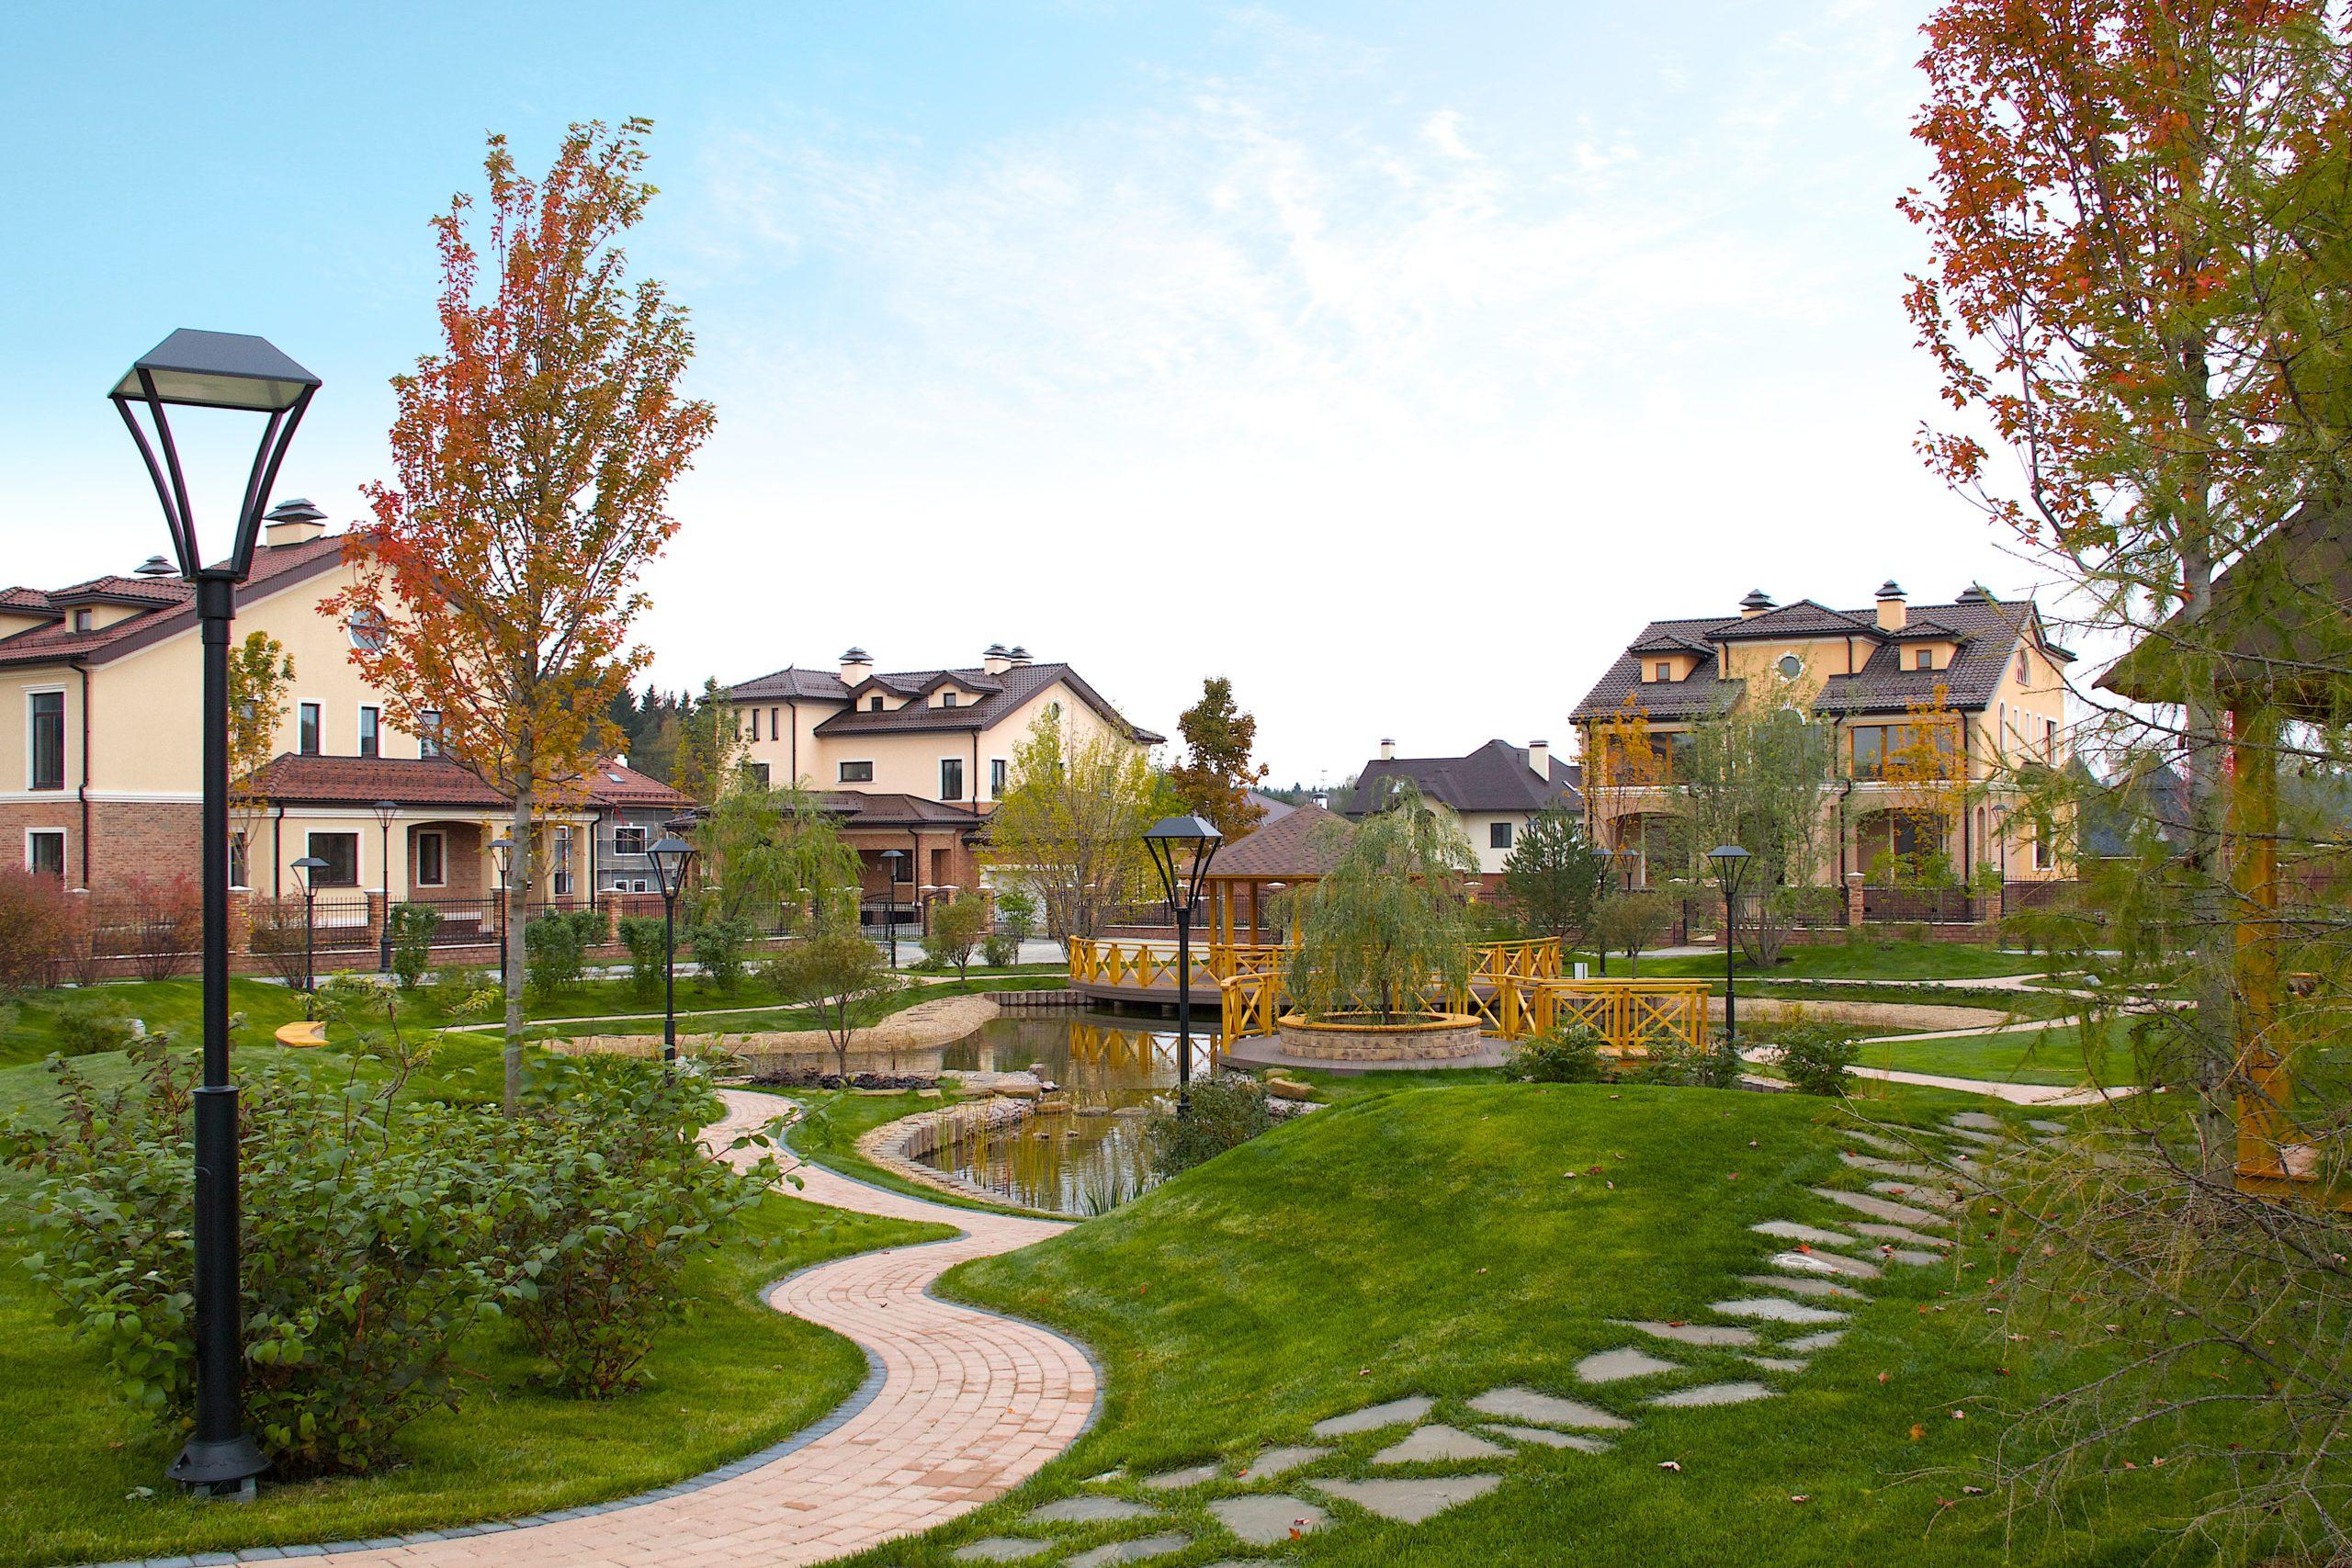 замедление темпов увеличения цен на рынке вторичного жилья